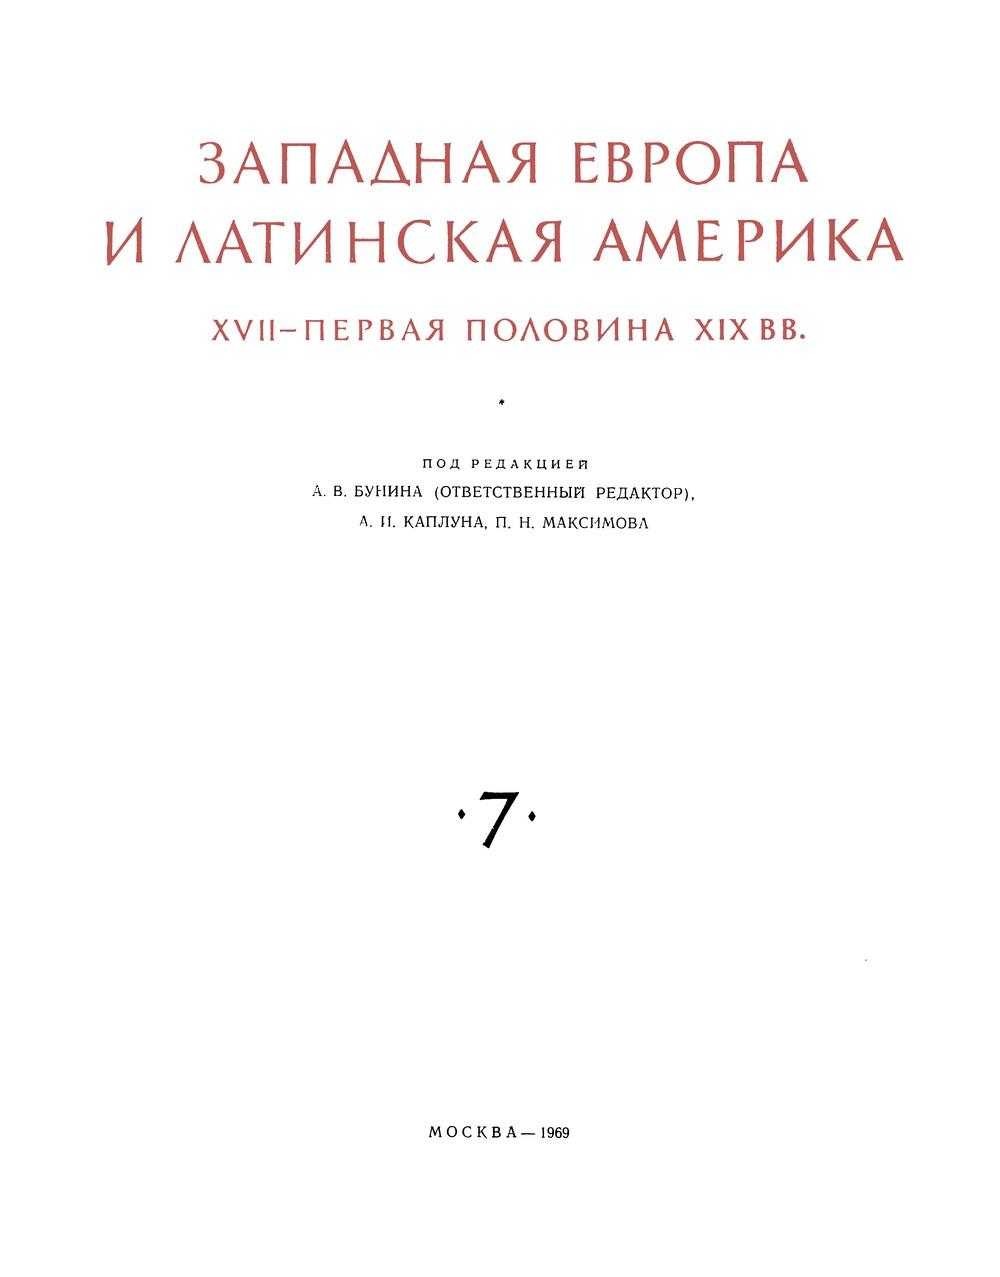 Архитектура Латинской Америки XVI — начала XIX в. / Е. И. Кириченко